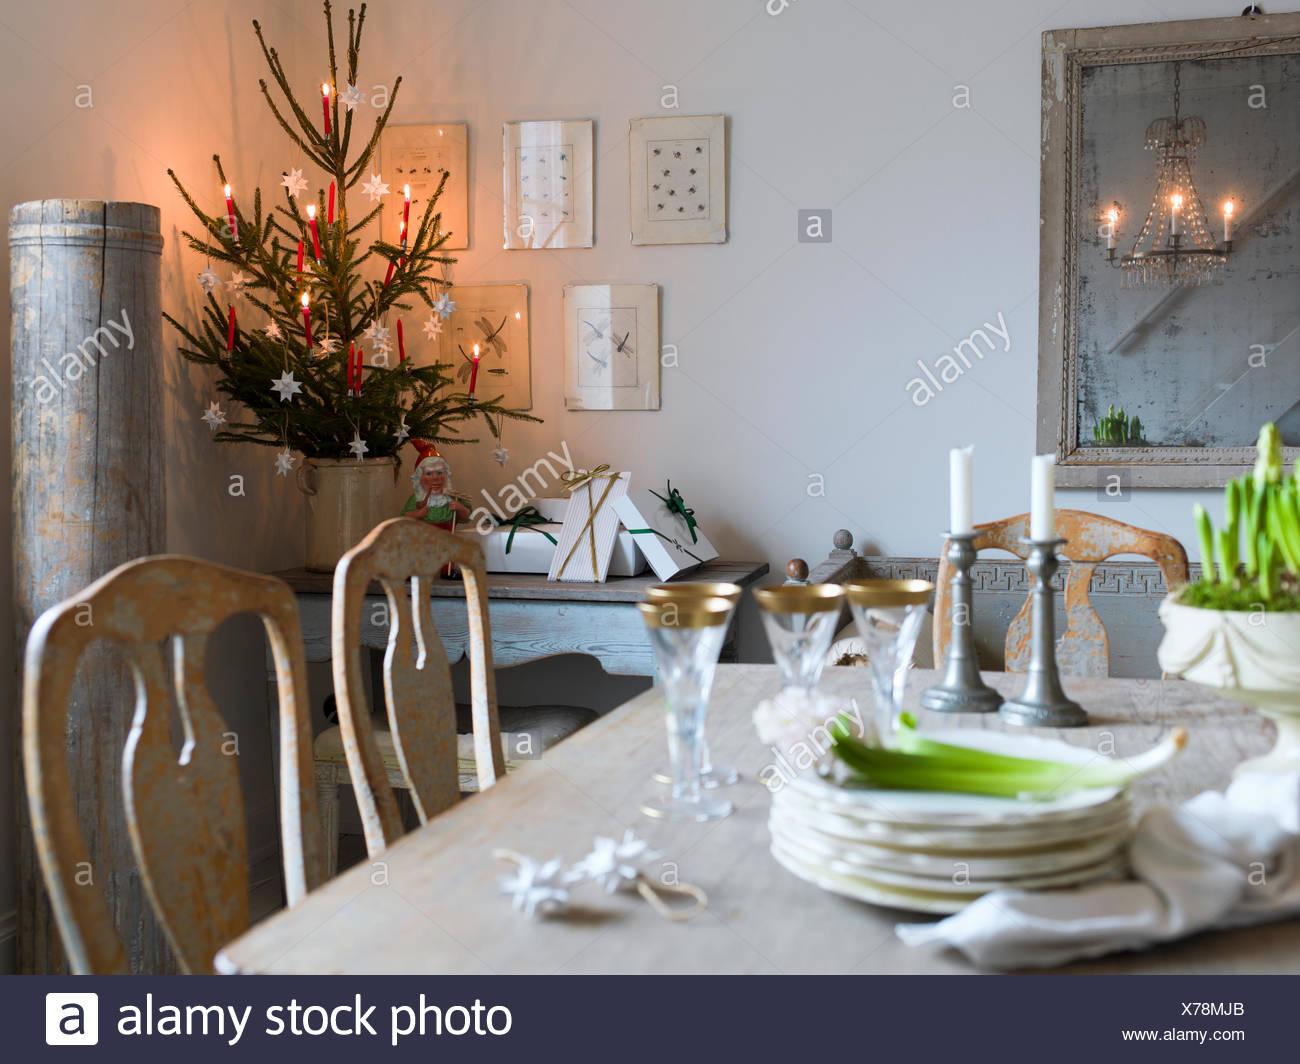 Liebenswert Esstisch Wohnzimmer Sammlung Von Schweden, Eleganter Und Weihnachtsbaum Im